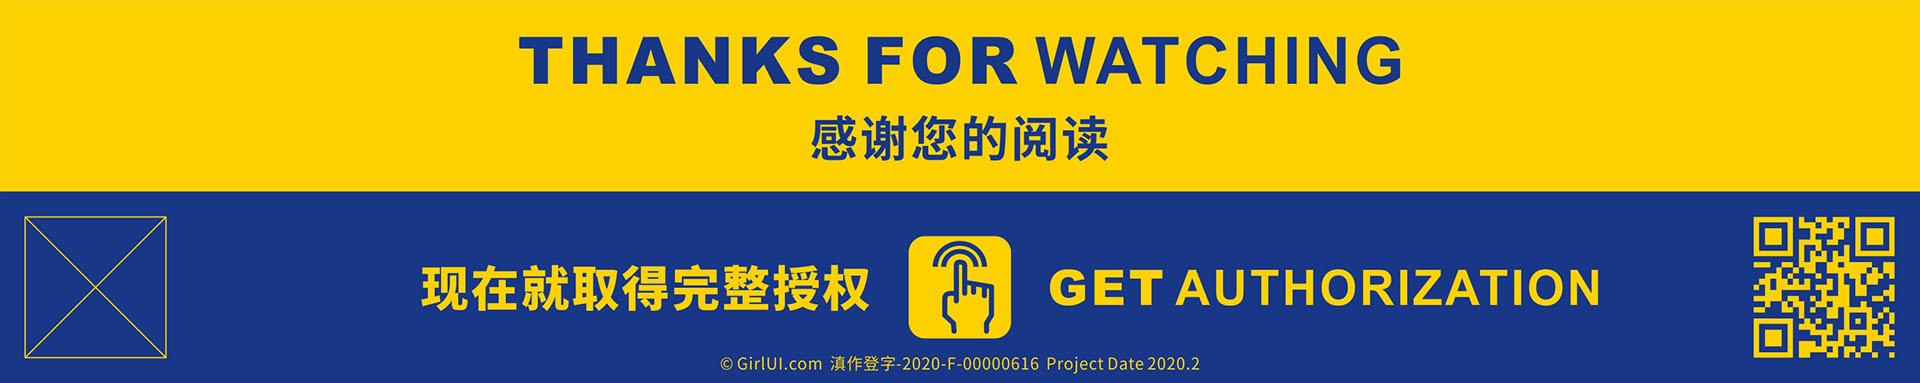 习拼音·识汉字·用中文——网上银行 WSYH.com